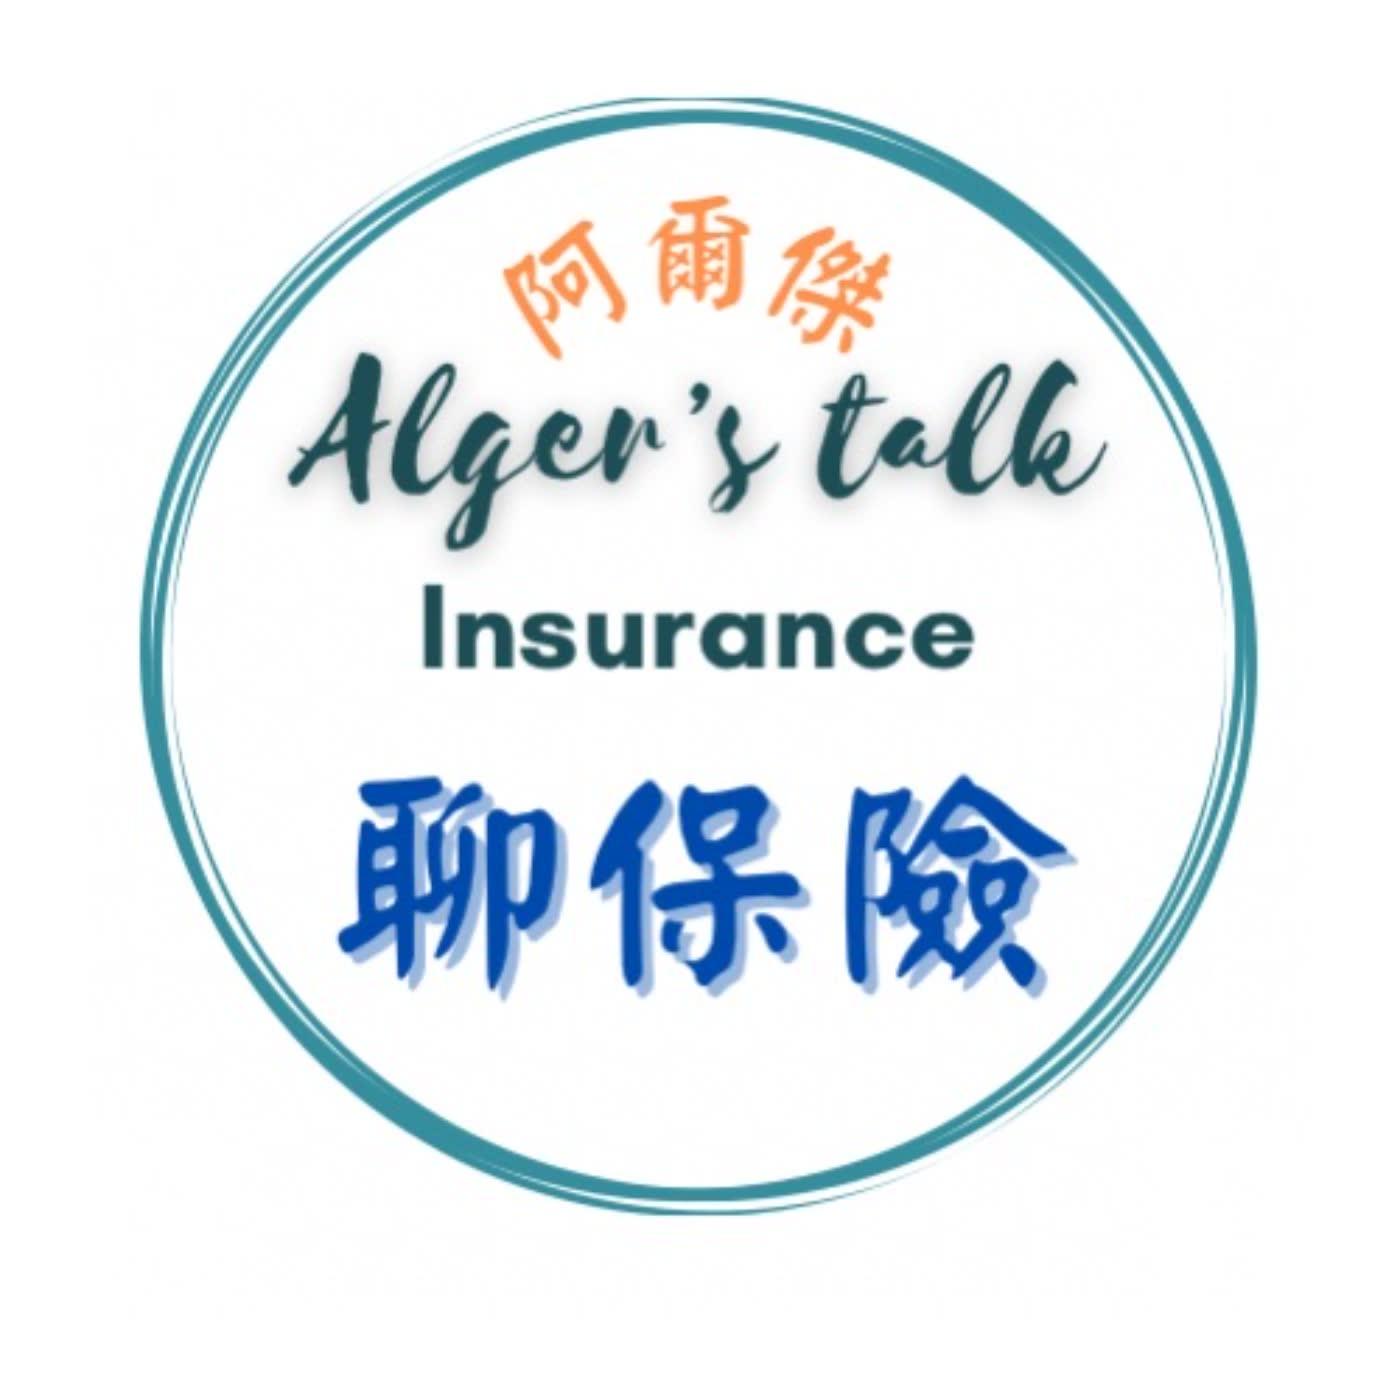 阿爾傑聊保險